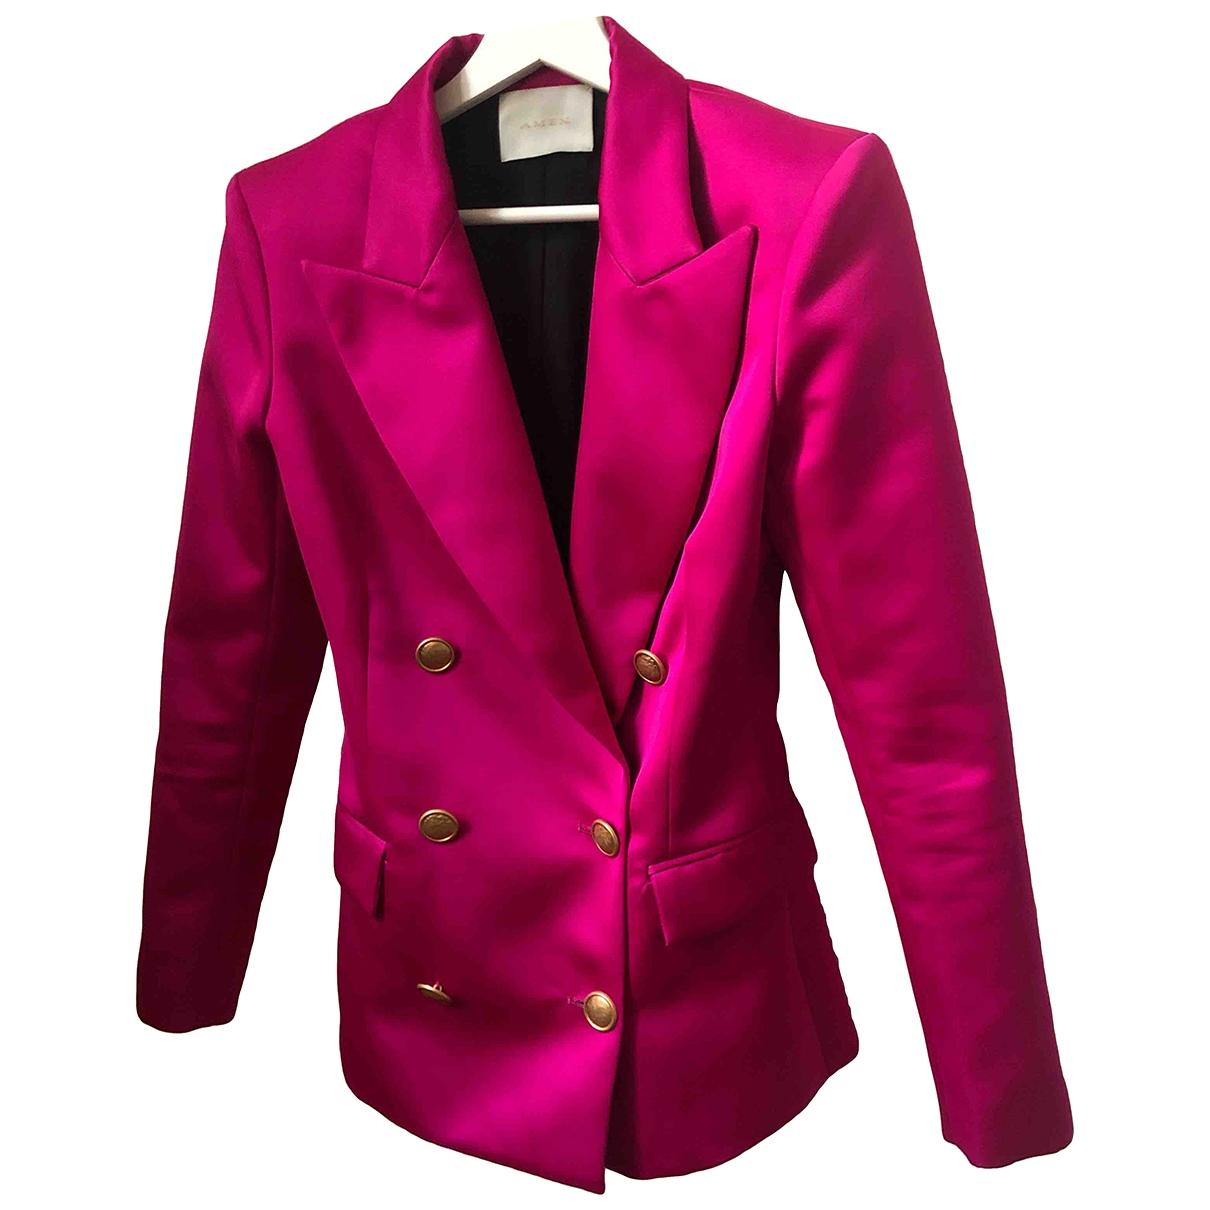 Amen Italy \N Pink jacket for Women 40 IT